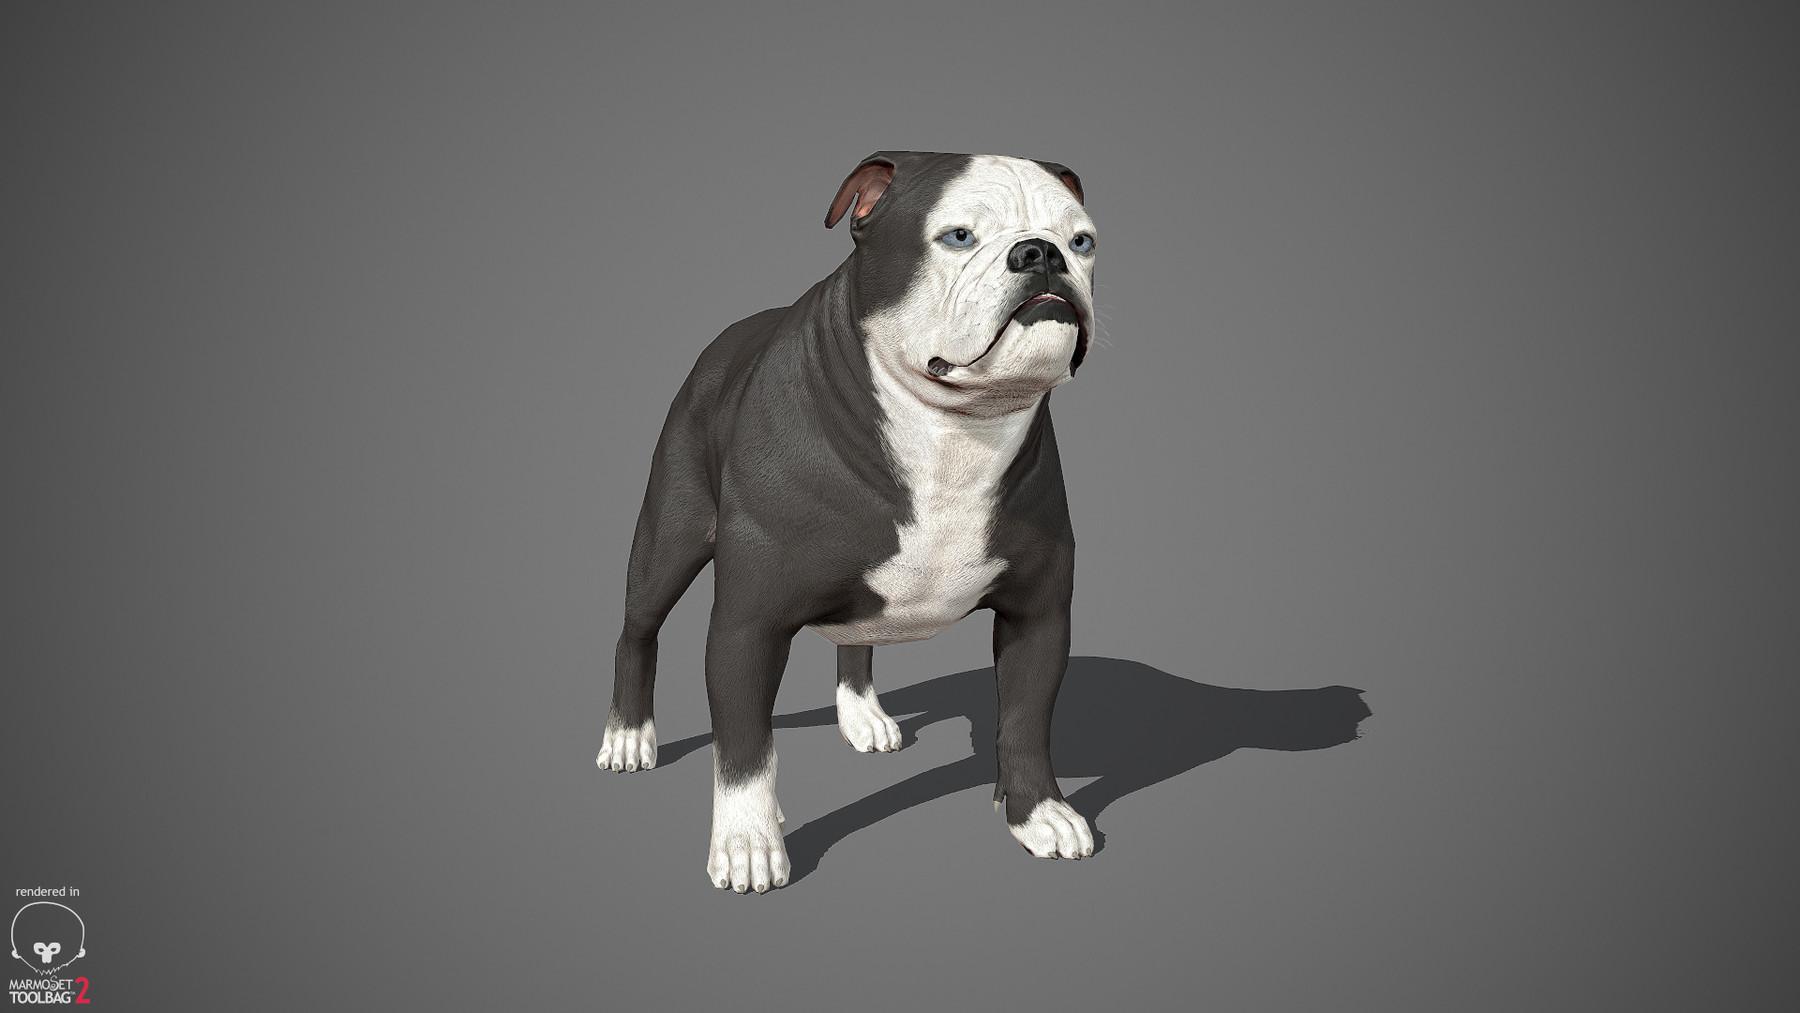 Englishbulldog by alexlashko marmoset 05